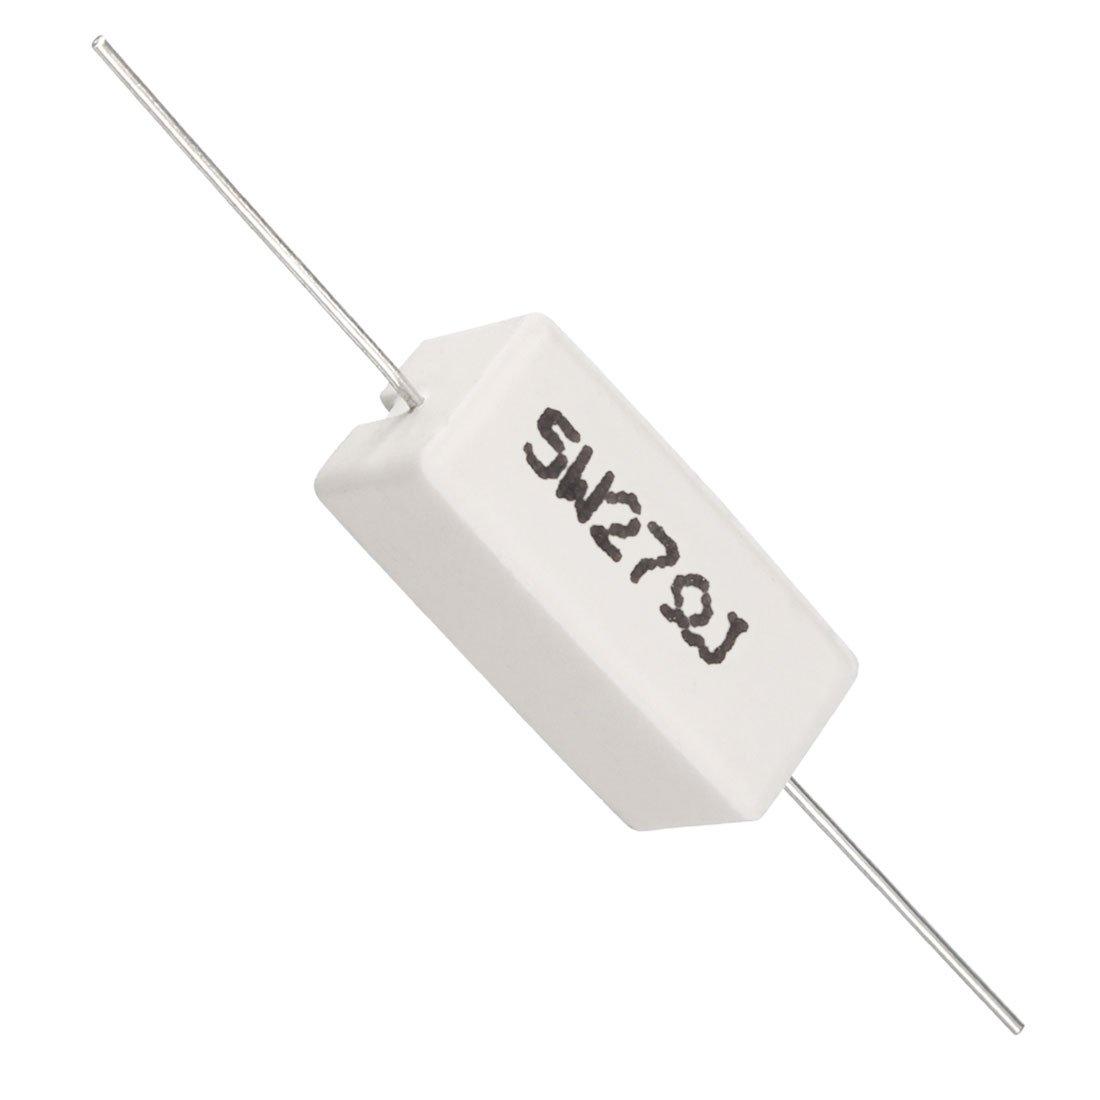 /5/W 27/Ohm potenza resistore resistenza di cemento ceramico assiale piombo 15/pz bianco Sourcingmap/